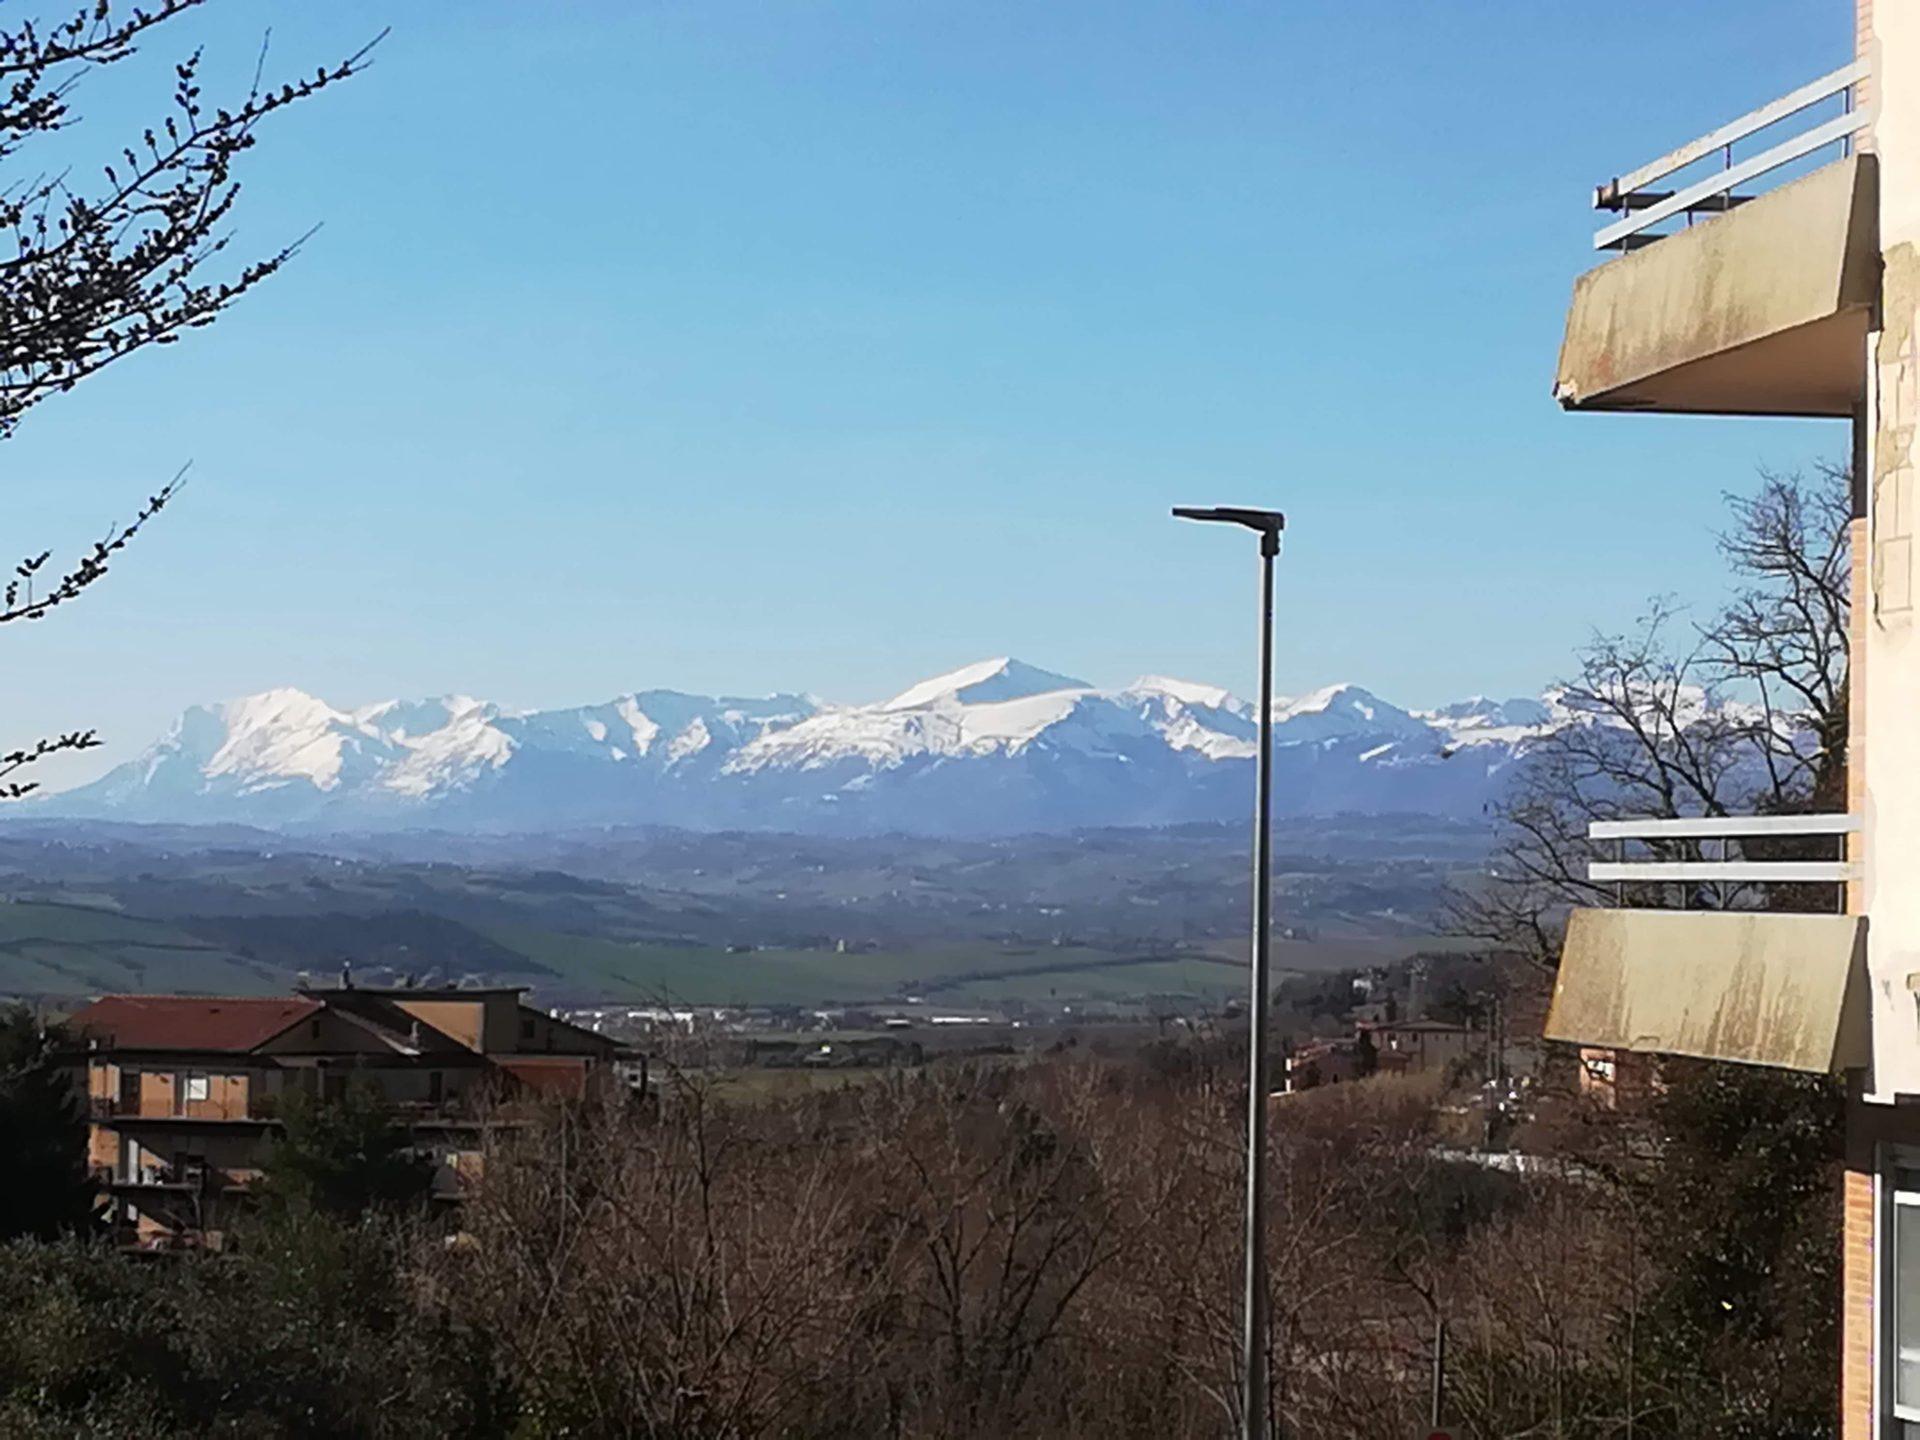 ESC Itaalias – kohaliku kultuuri- ja looduspärandi korrastamine ja ürituste korraldamine (11 kuud)